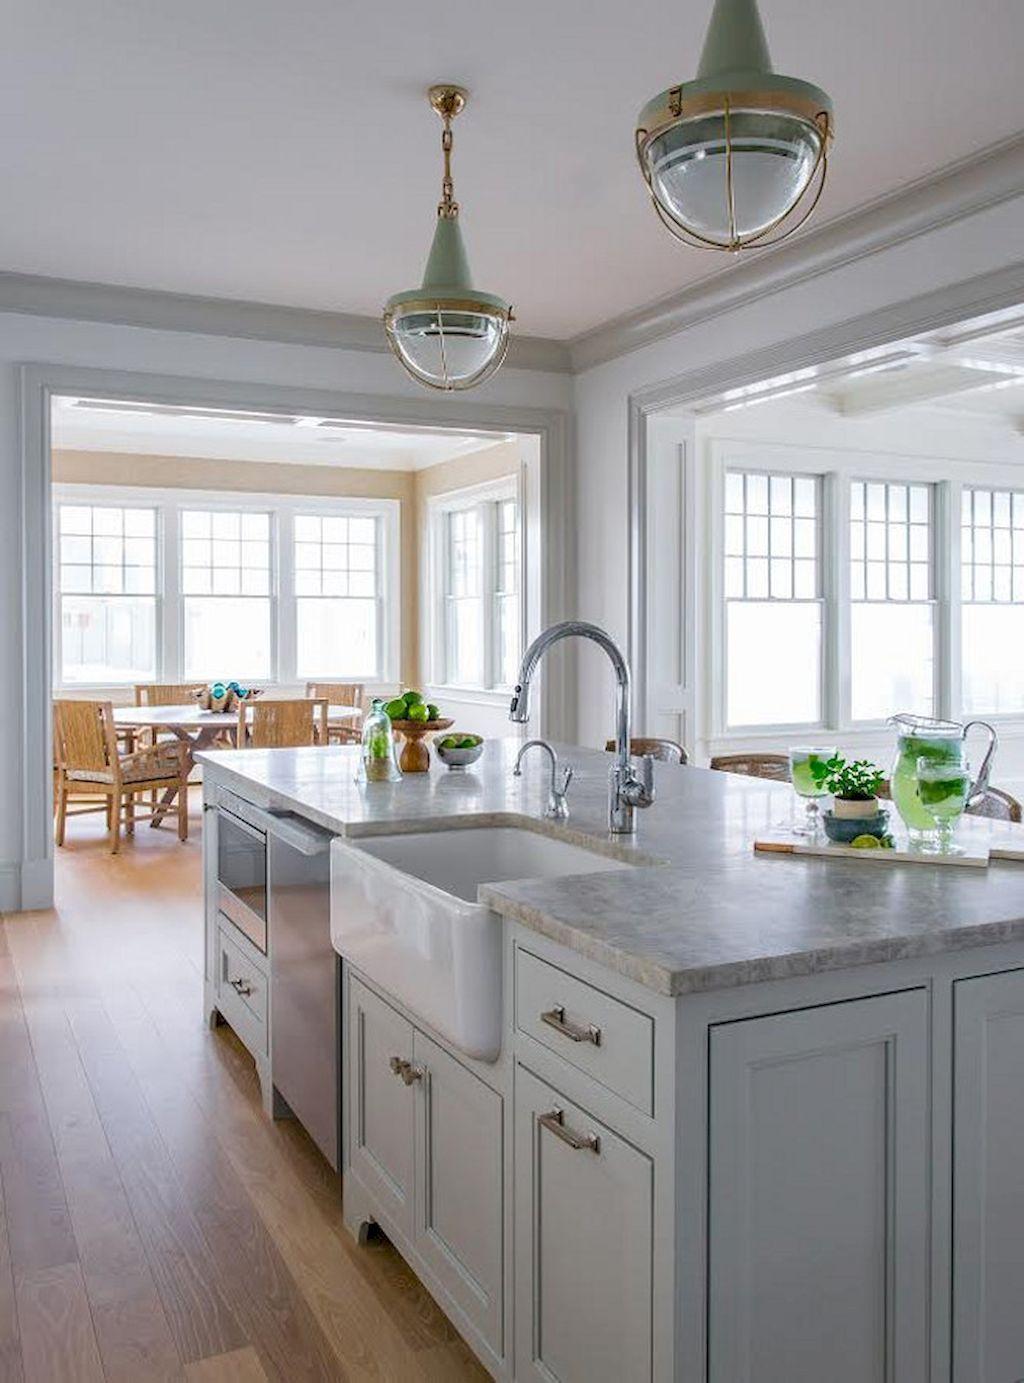 Awesome farmhouse kitchen decor ideas 75 isla de